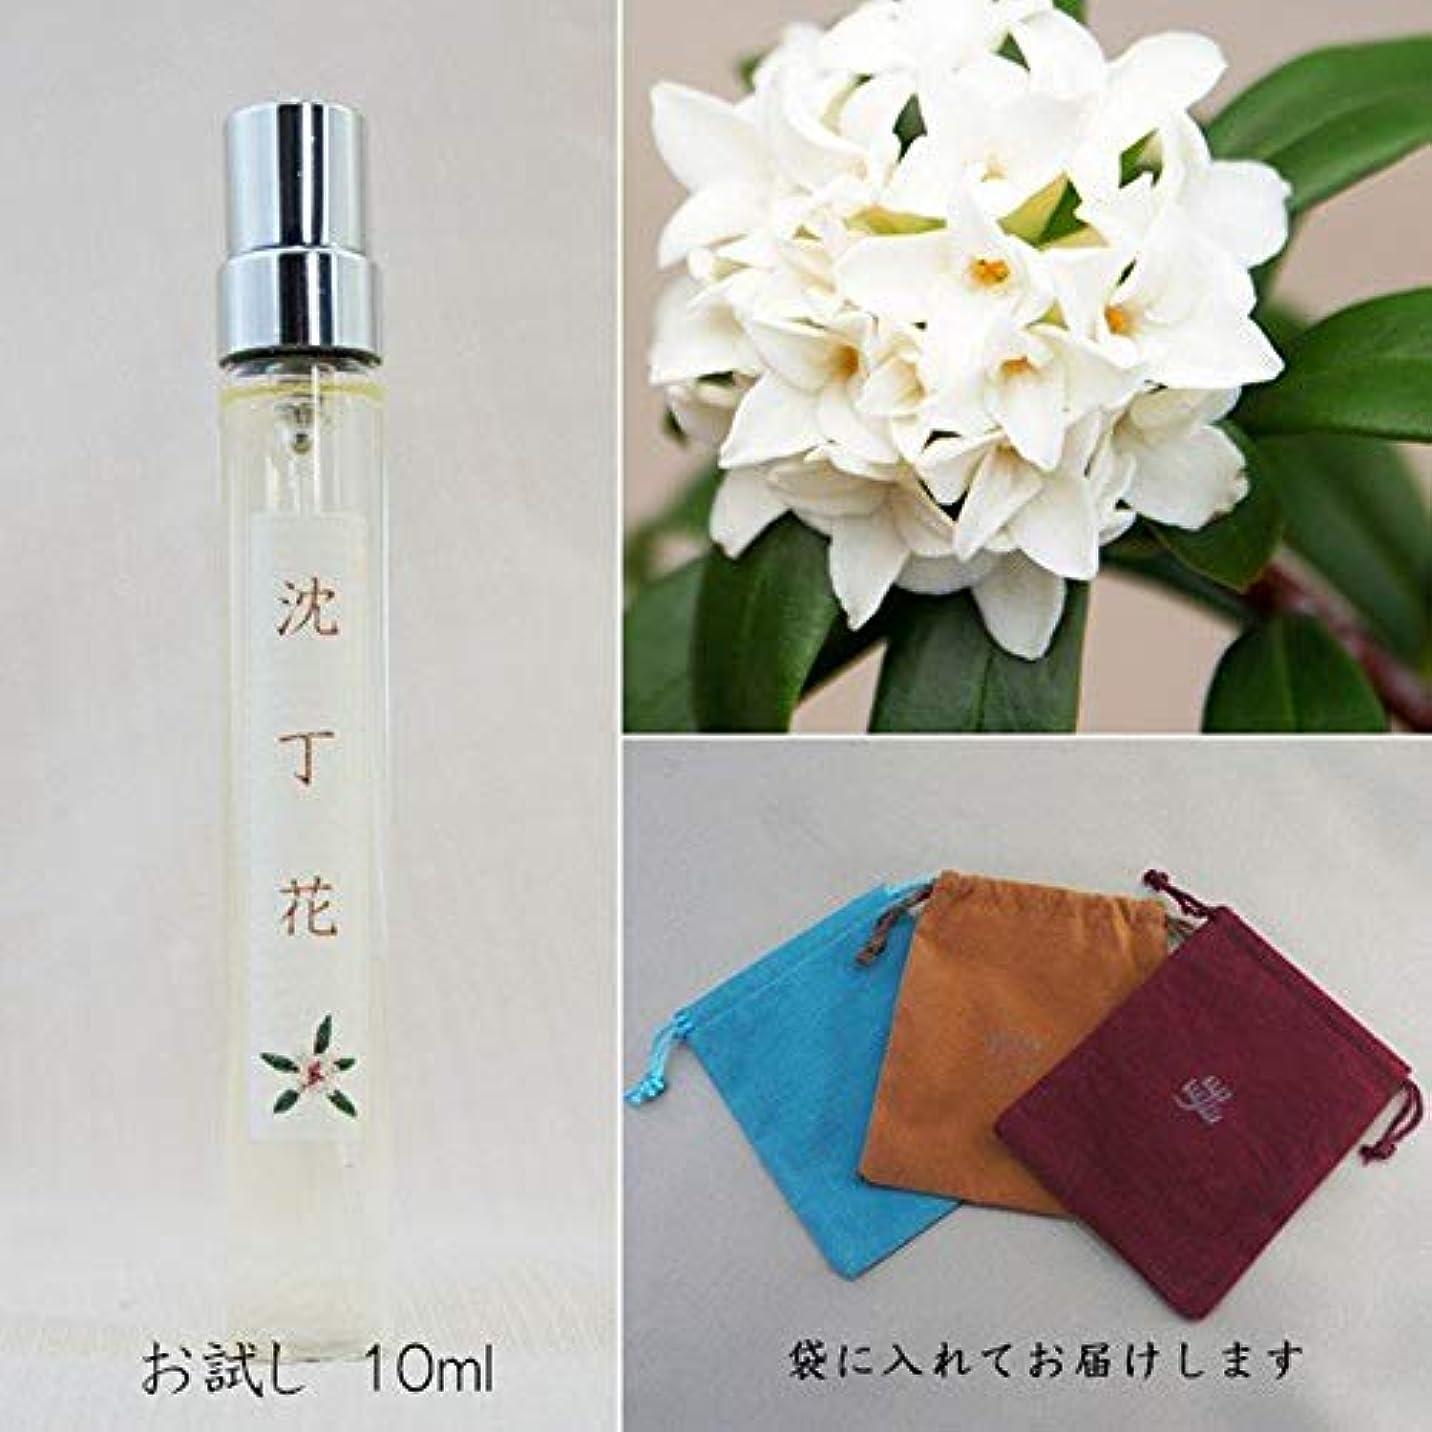 不快な汗溢れんばかりの和香水「三大香木シリーズ」10ml (沈丁花)